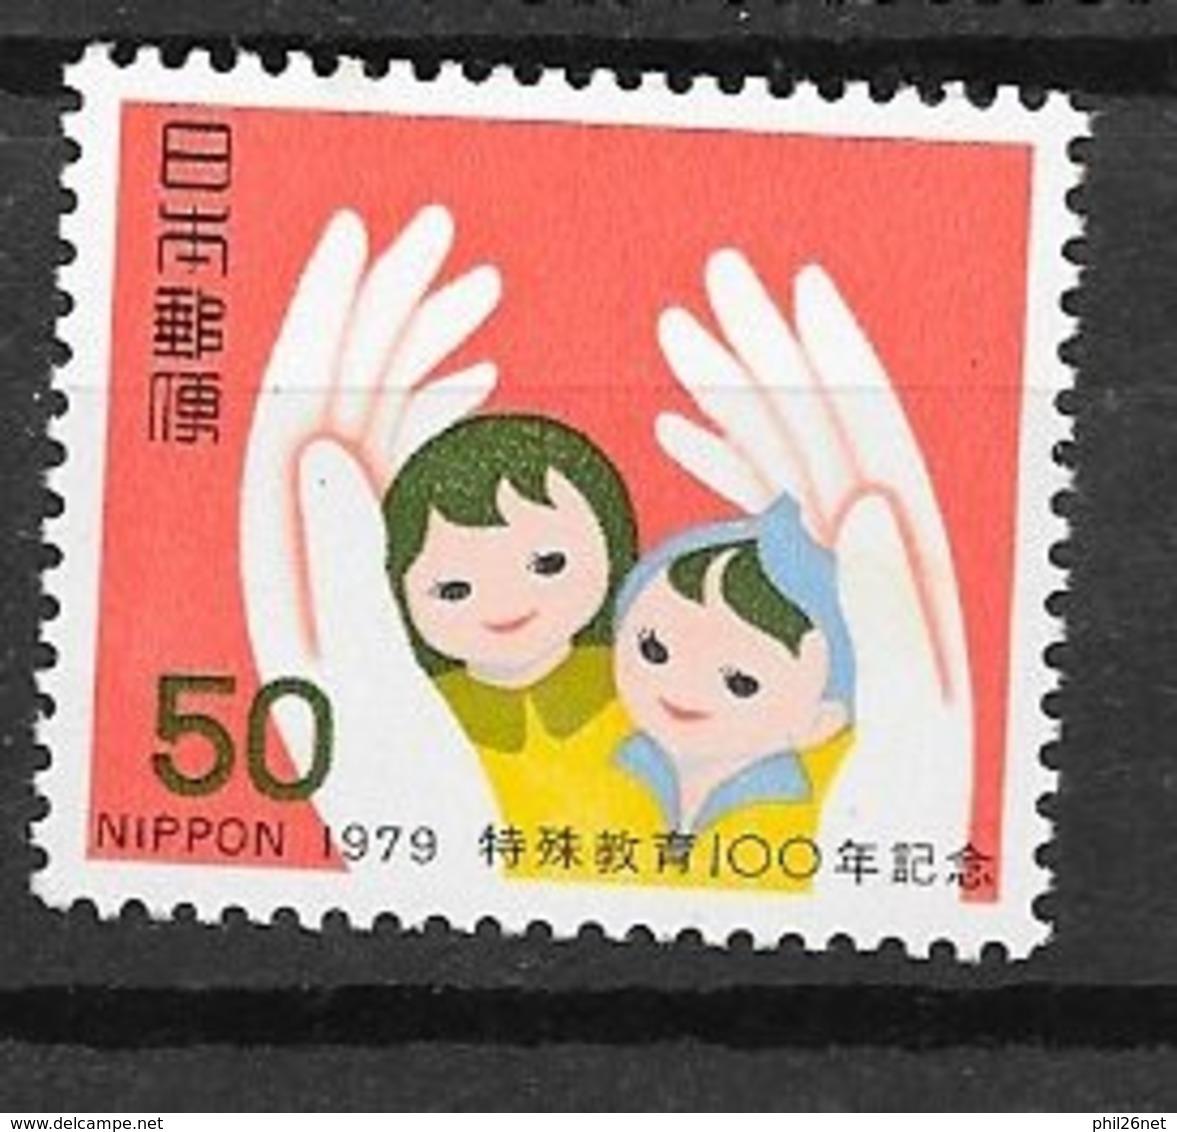 Japon N ° 1282  Enfance    Neuf * * TB = MNH VF Soldé ! ! ! Le Moins Cher Du Site ! ! ! - Dolls